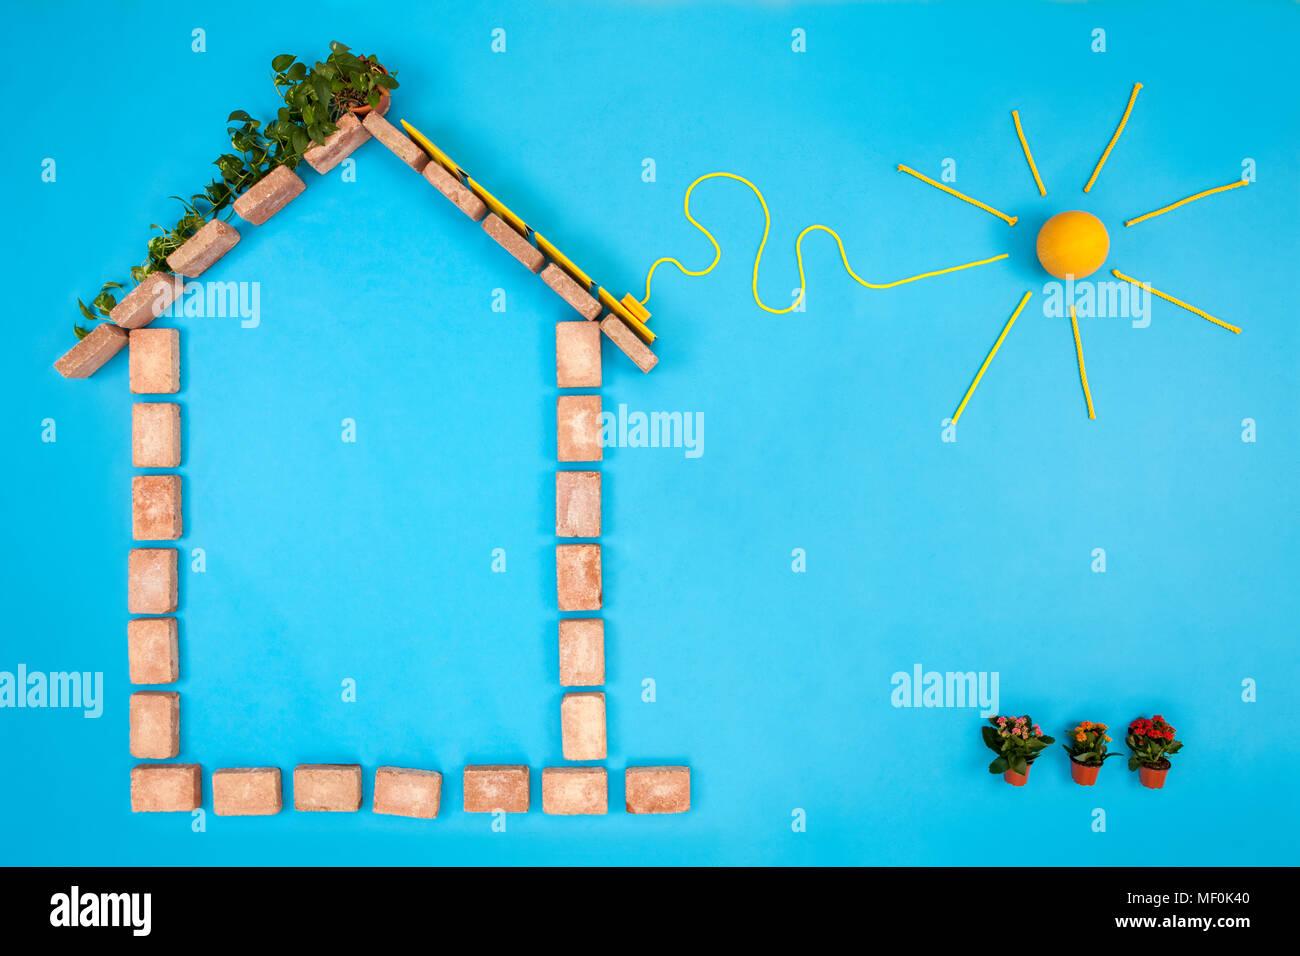 Casa hecha de ladrillos de forma sobre fondo azul, con paneles solares conectados a sun Imagen De Stock